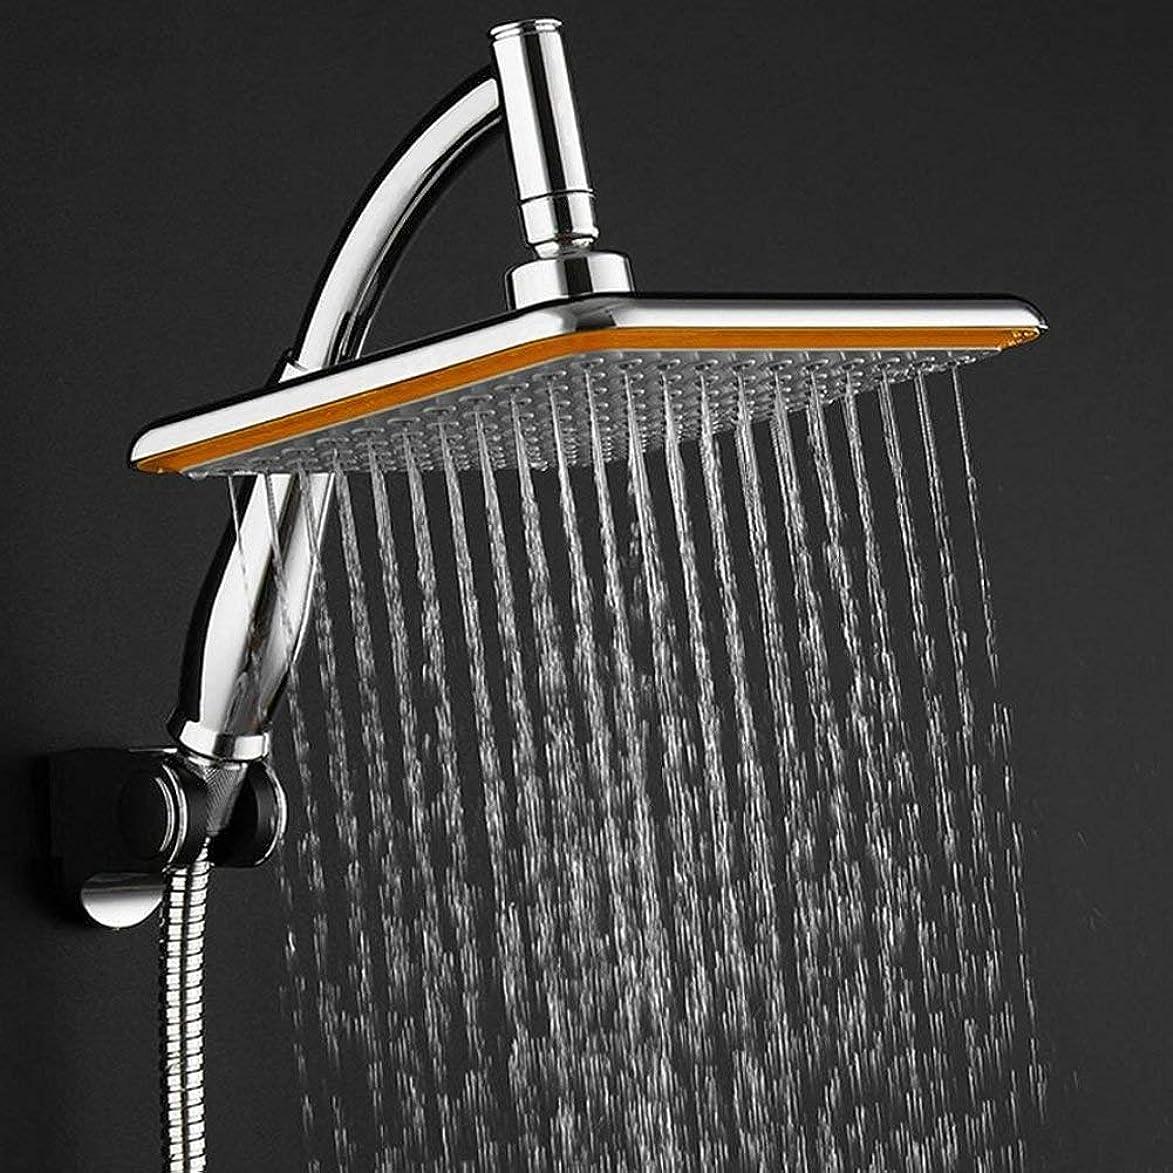 ダイヤルラフレシアアルノルディ精巧なHDZWW 固定シャワー?ヘッド、究極のシャワーの経験のためのシリコーンのジェット機が付いている8インチの正方形の雨固定シャワー?ヘッド304のステンレス鋼の高圧降雨量のシャワー?ヘッド